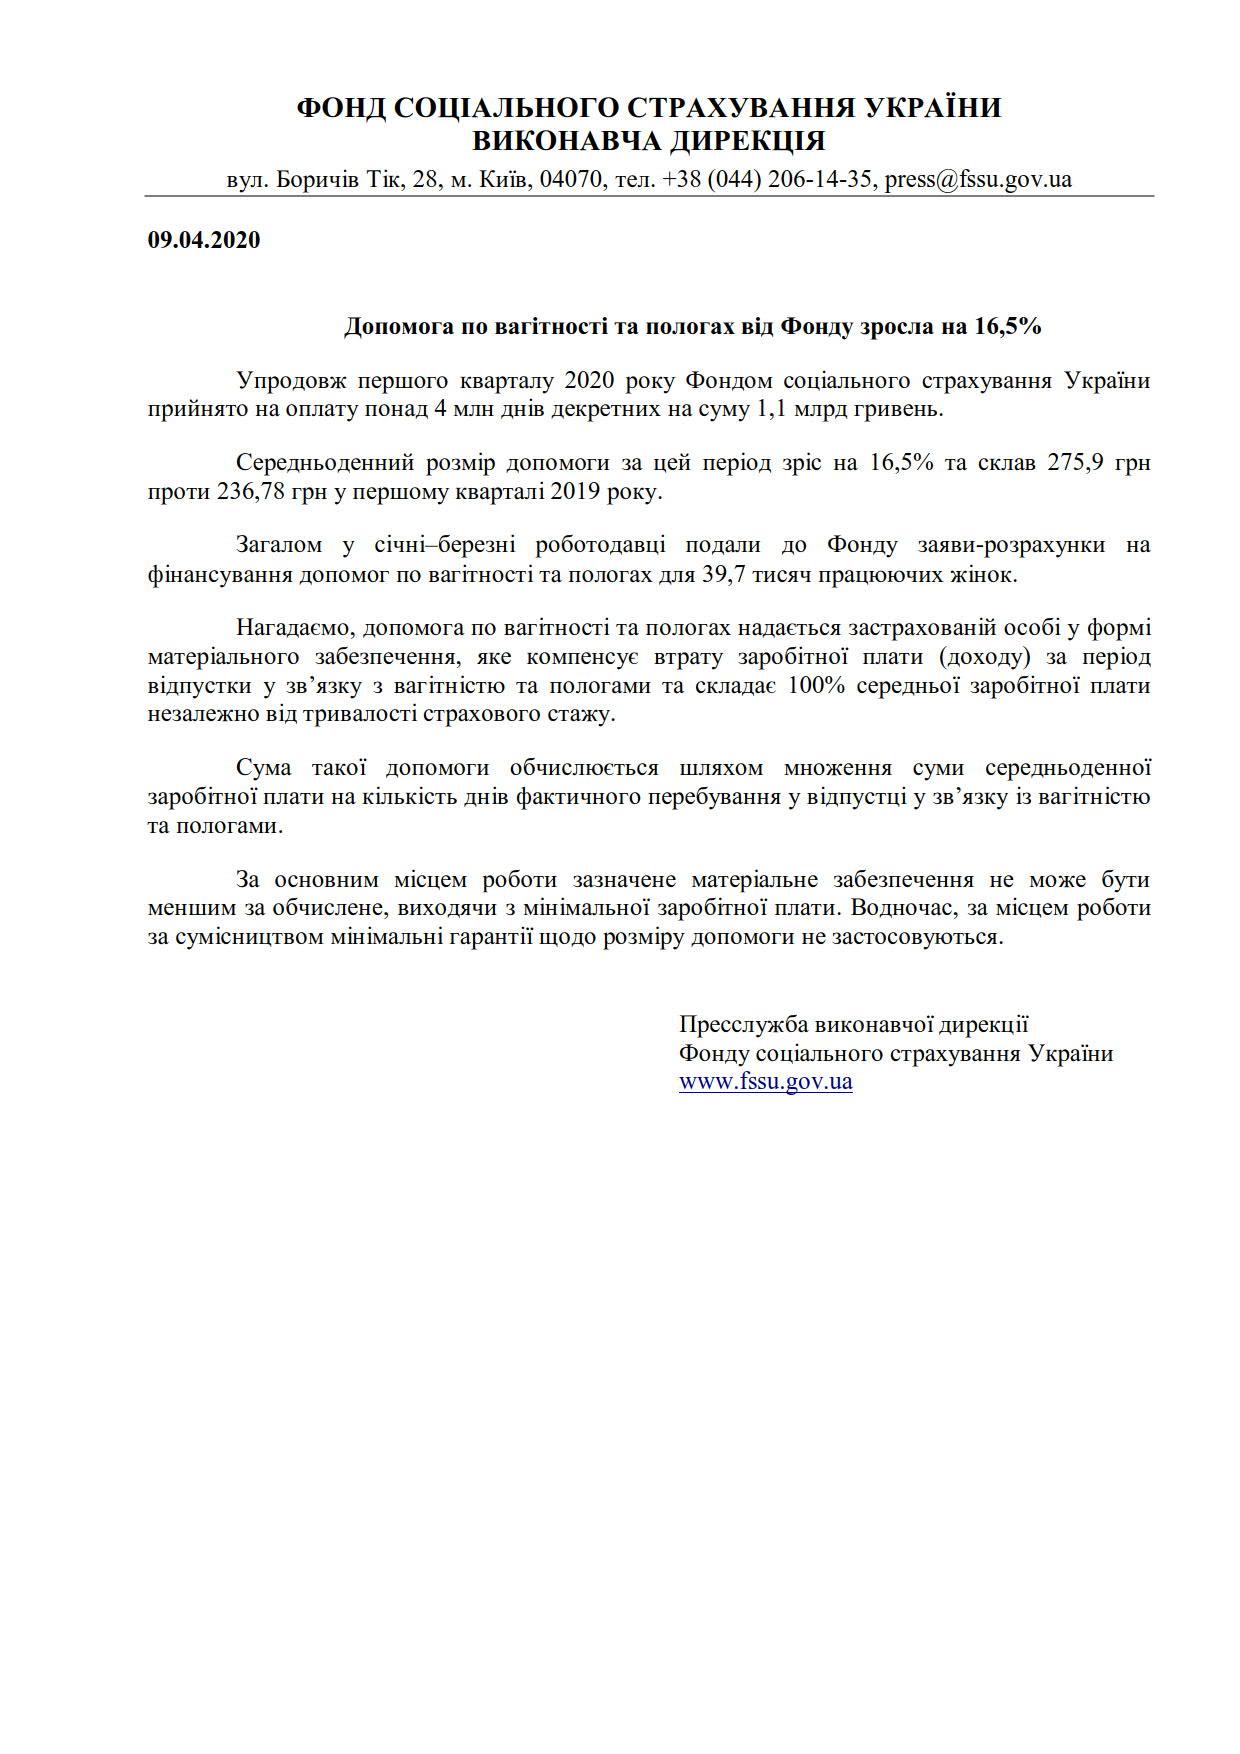 ФССУ_Декретні 1 квартал 2020_1